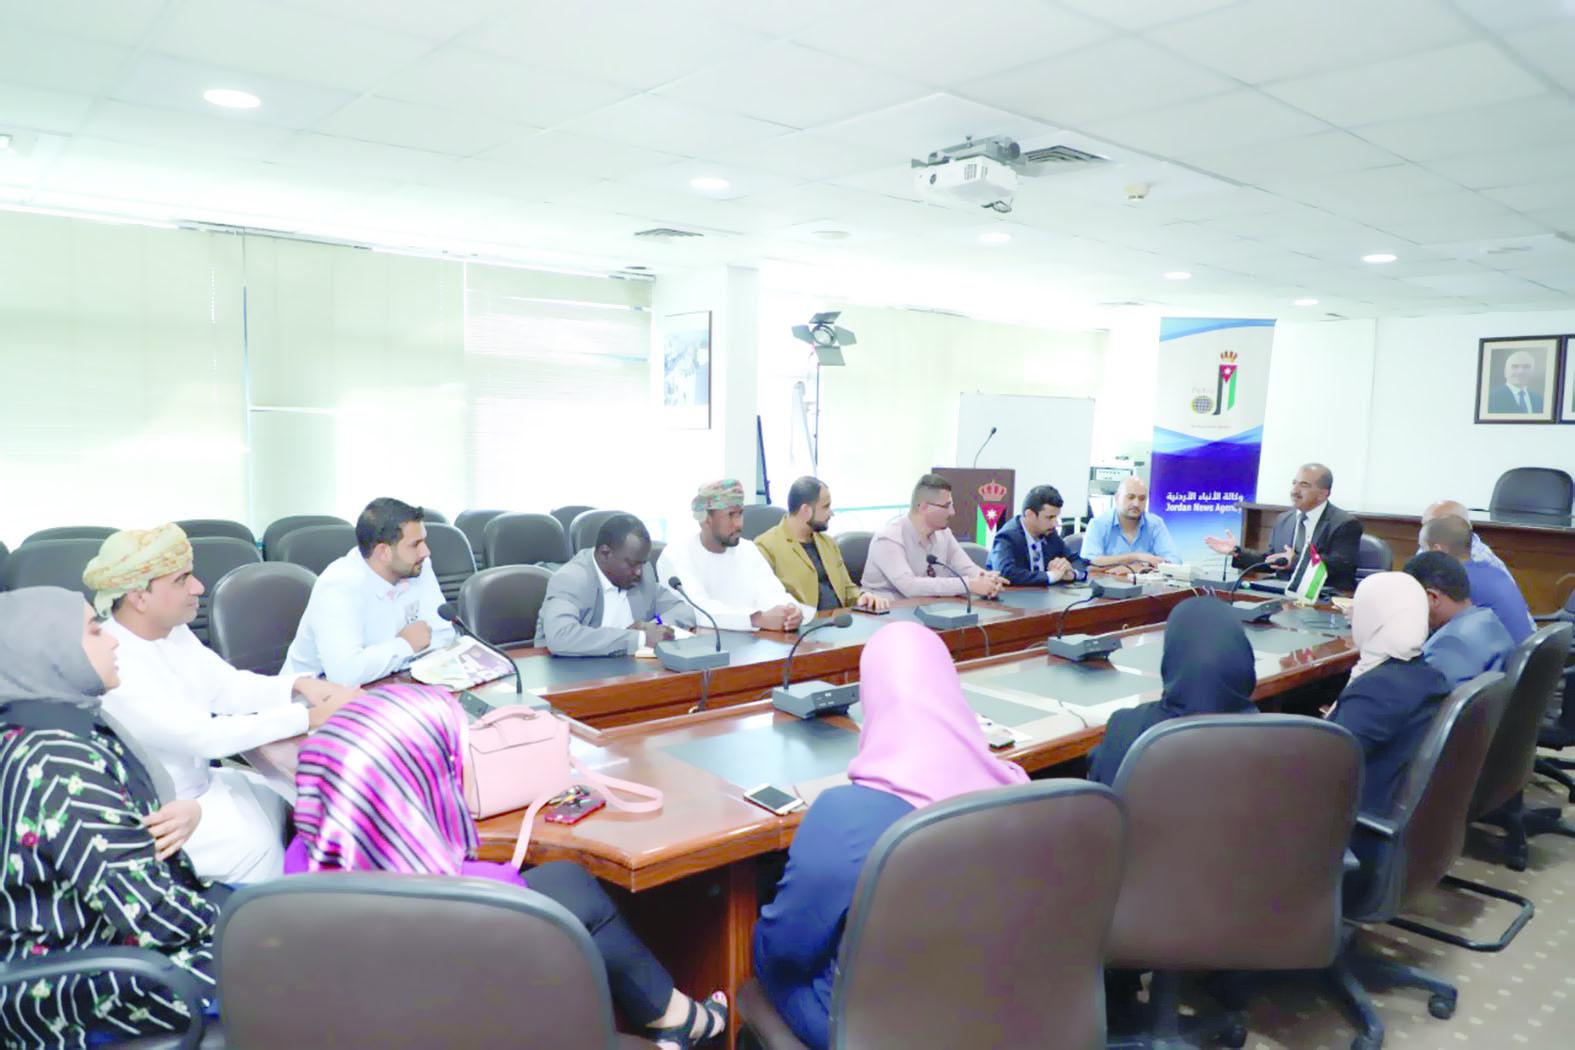 اختتام دورة الإعلام المجتمعي باتحاد وكالات الأنباء العربية بالأردن